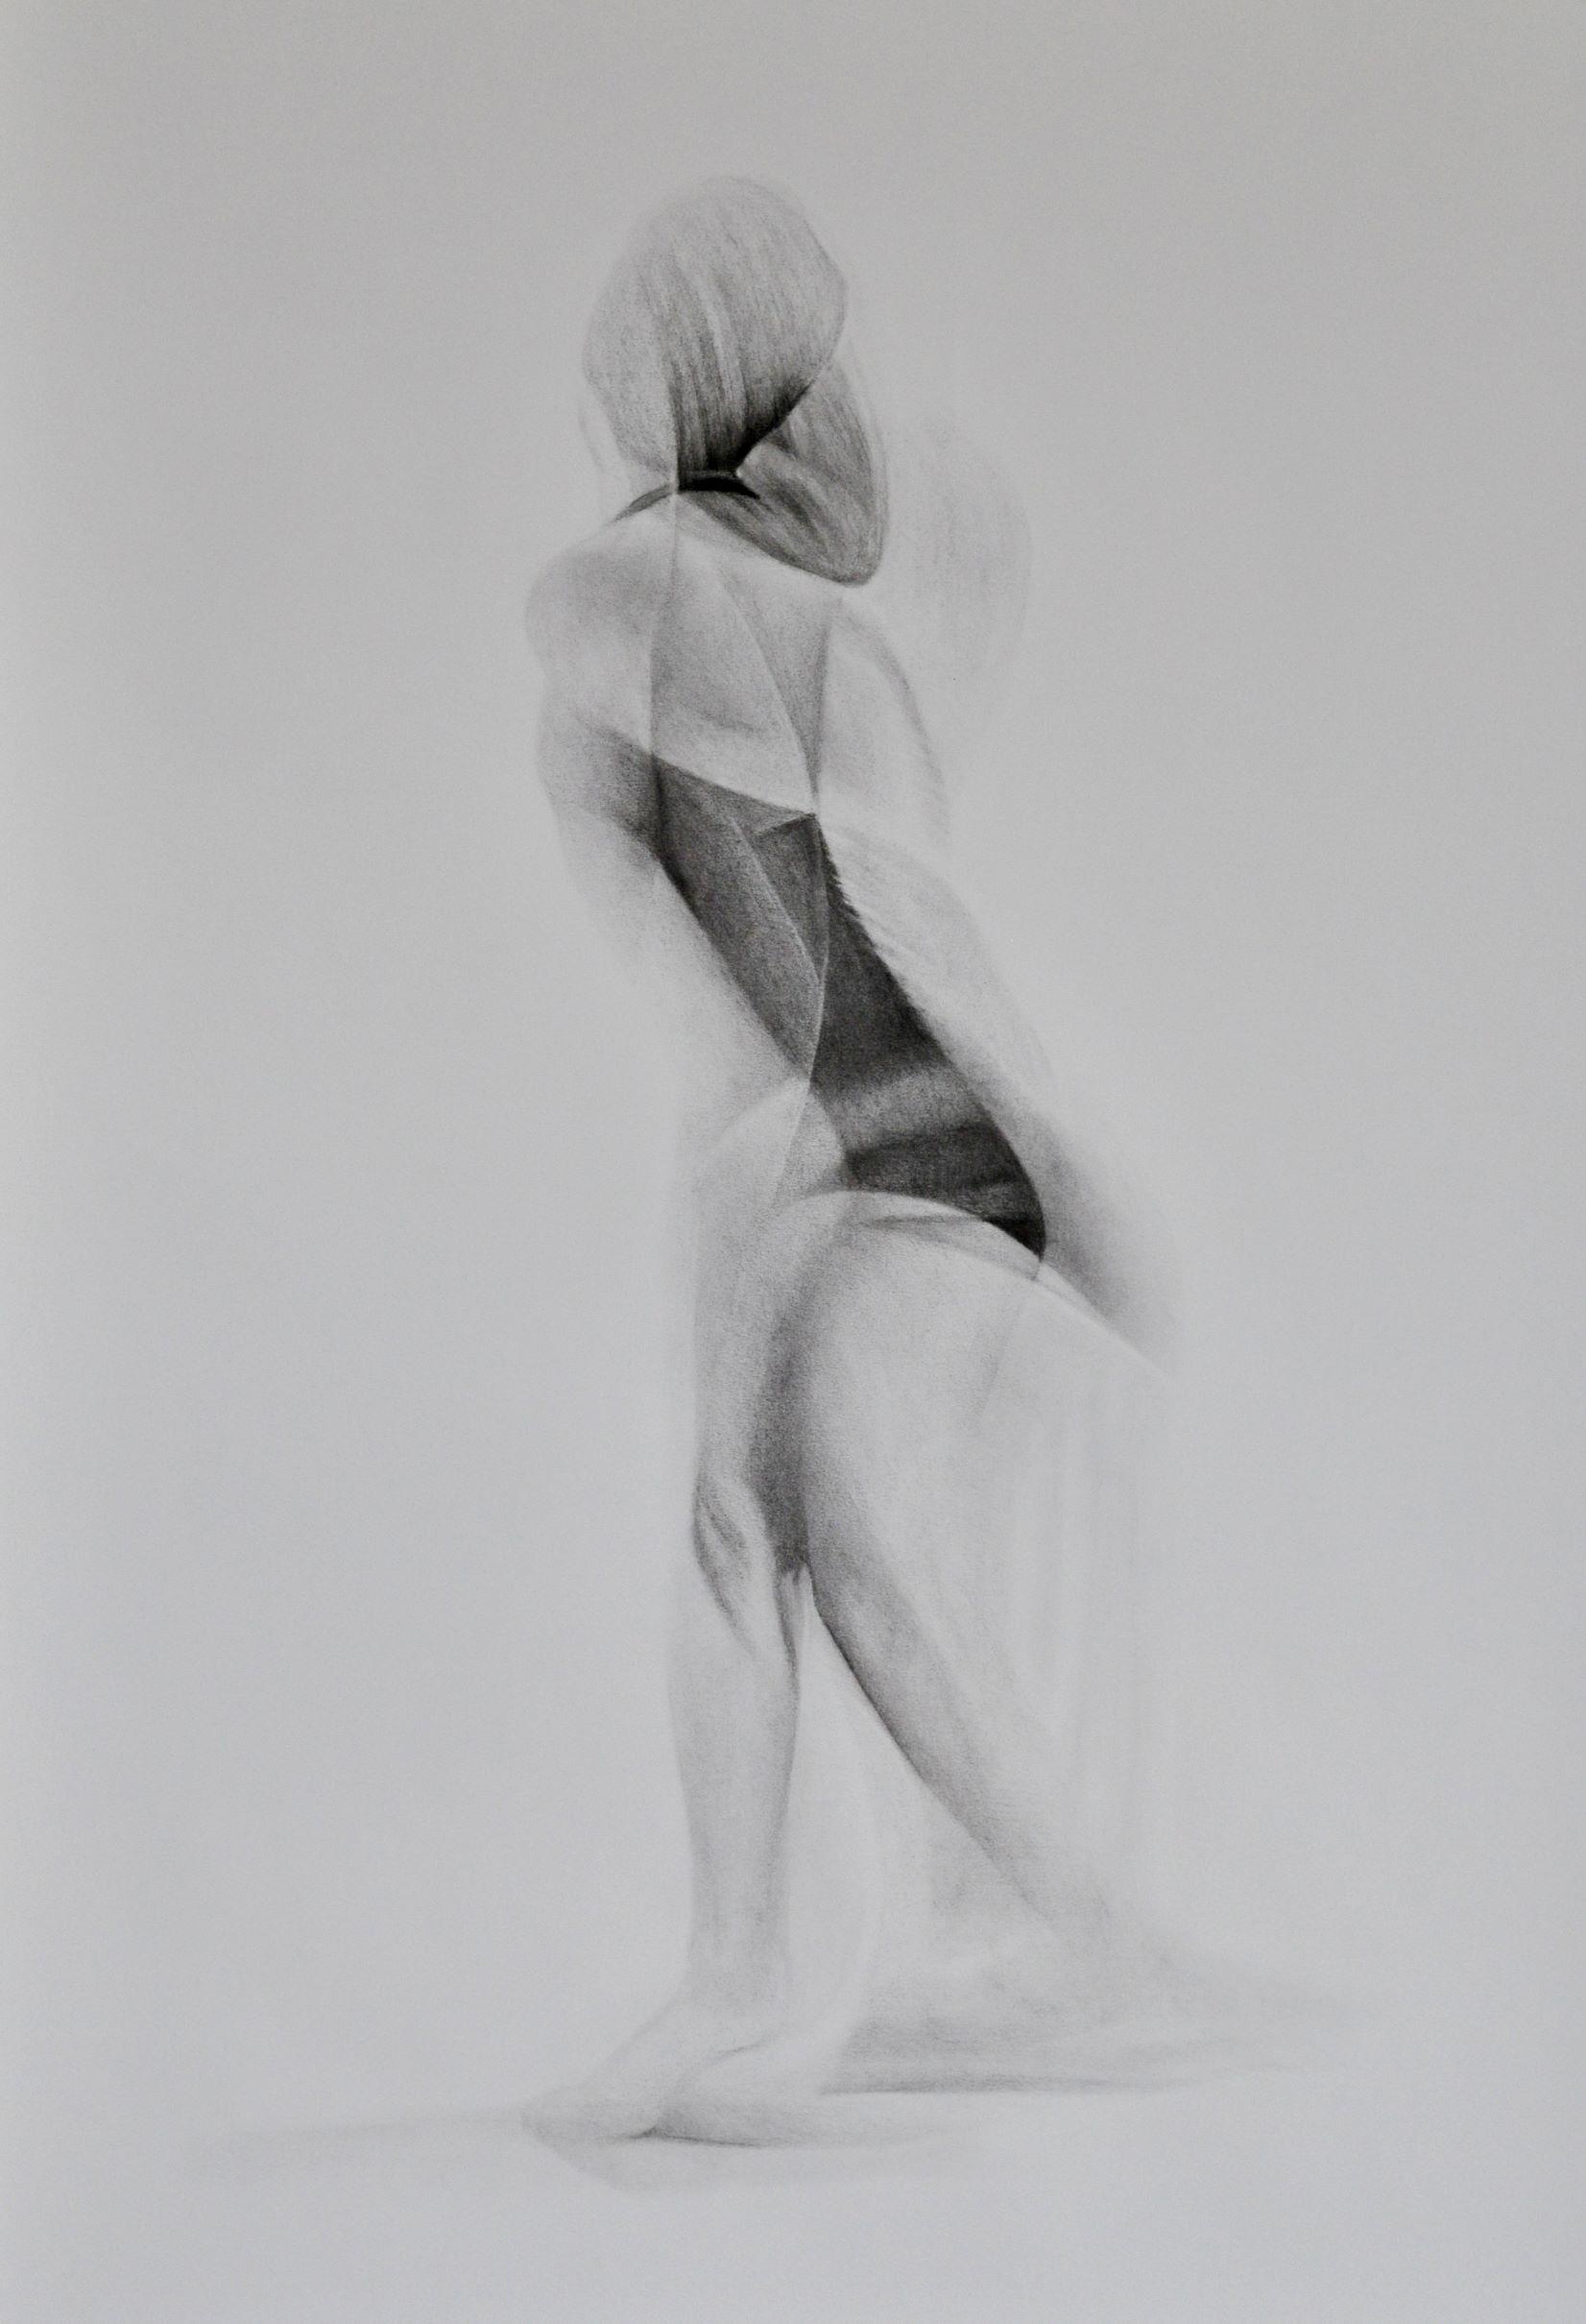 Shamah Shihadi / Motion 2